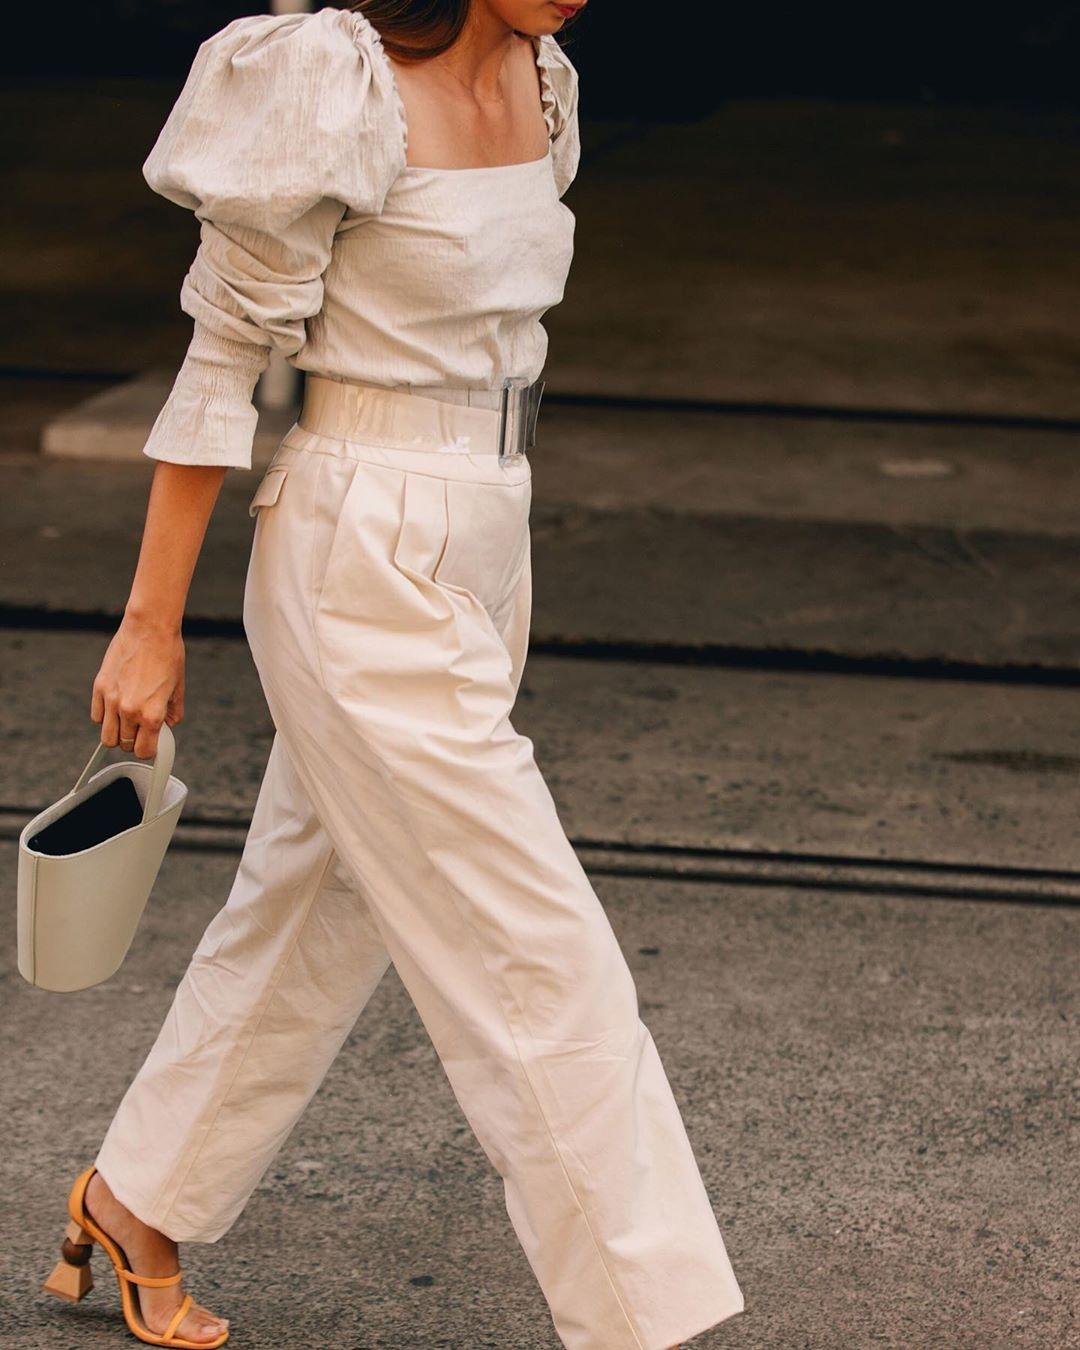 揹上它時髦度瞬間增加100%!水桶包10+穿搭提案 讓你任何風格都完勝